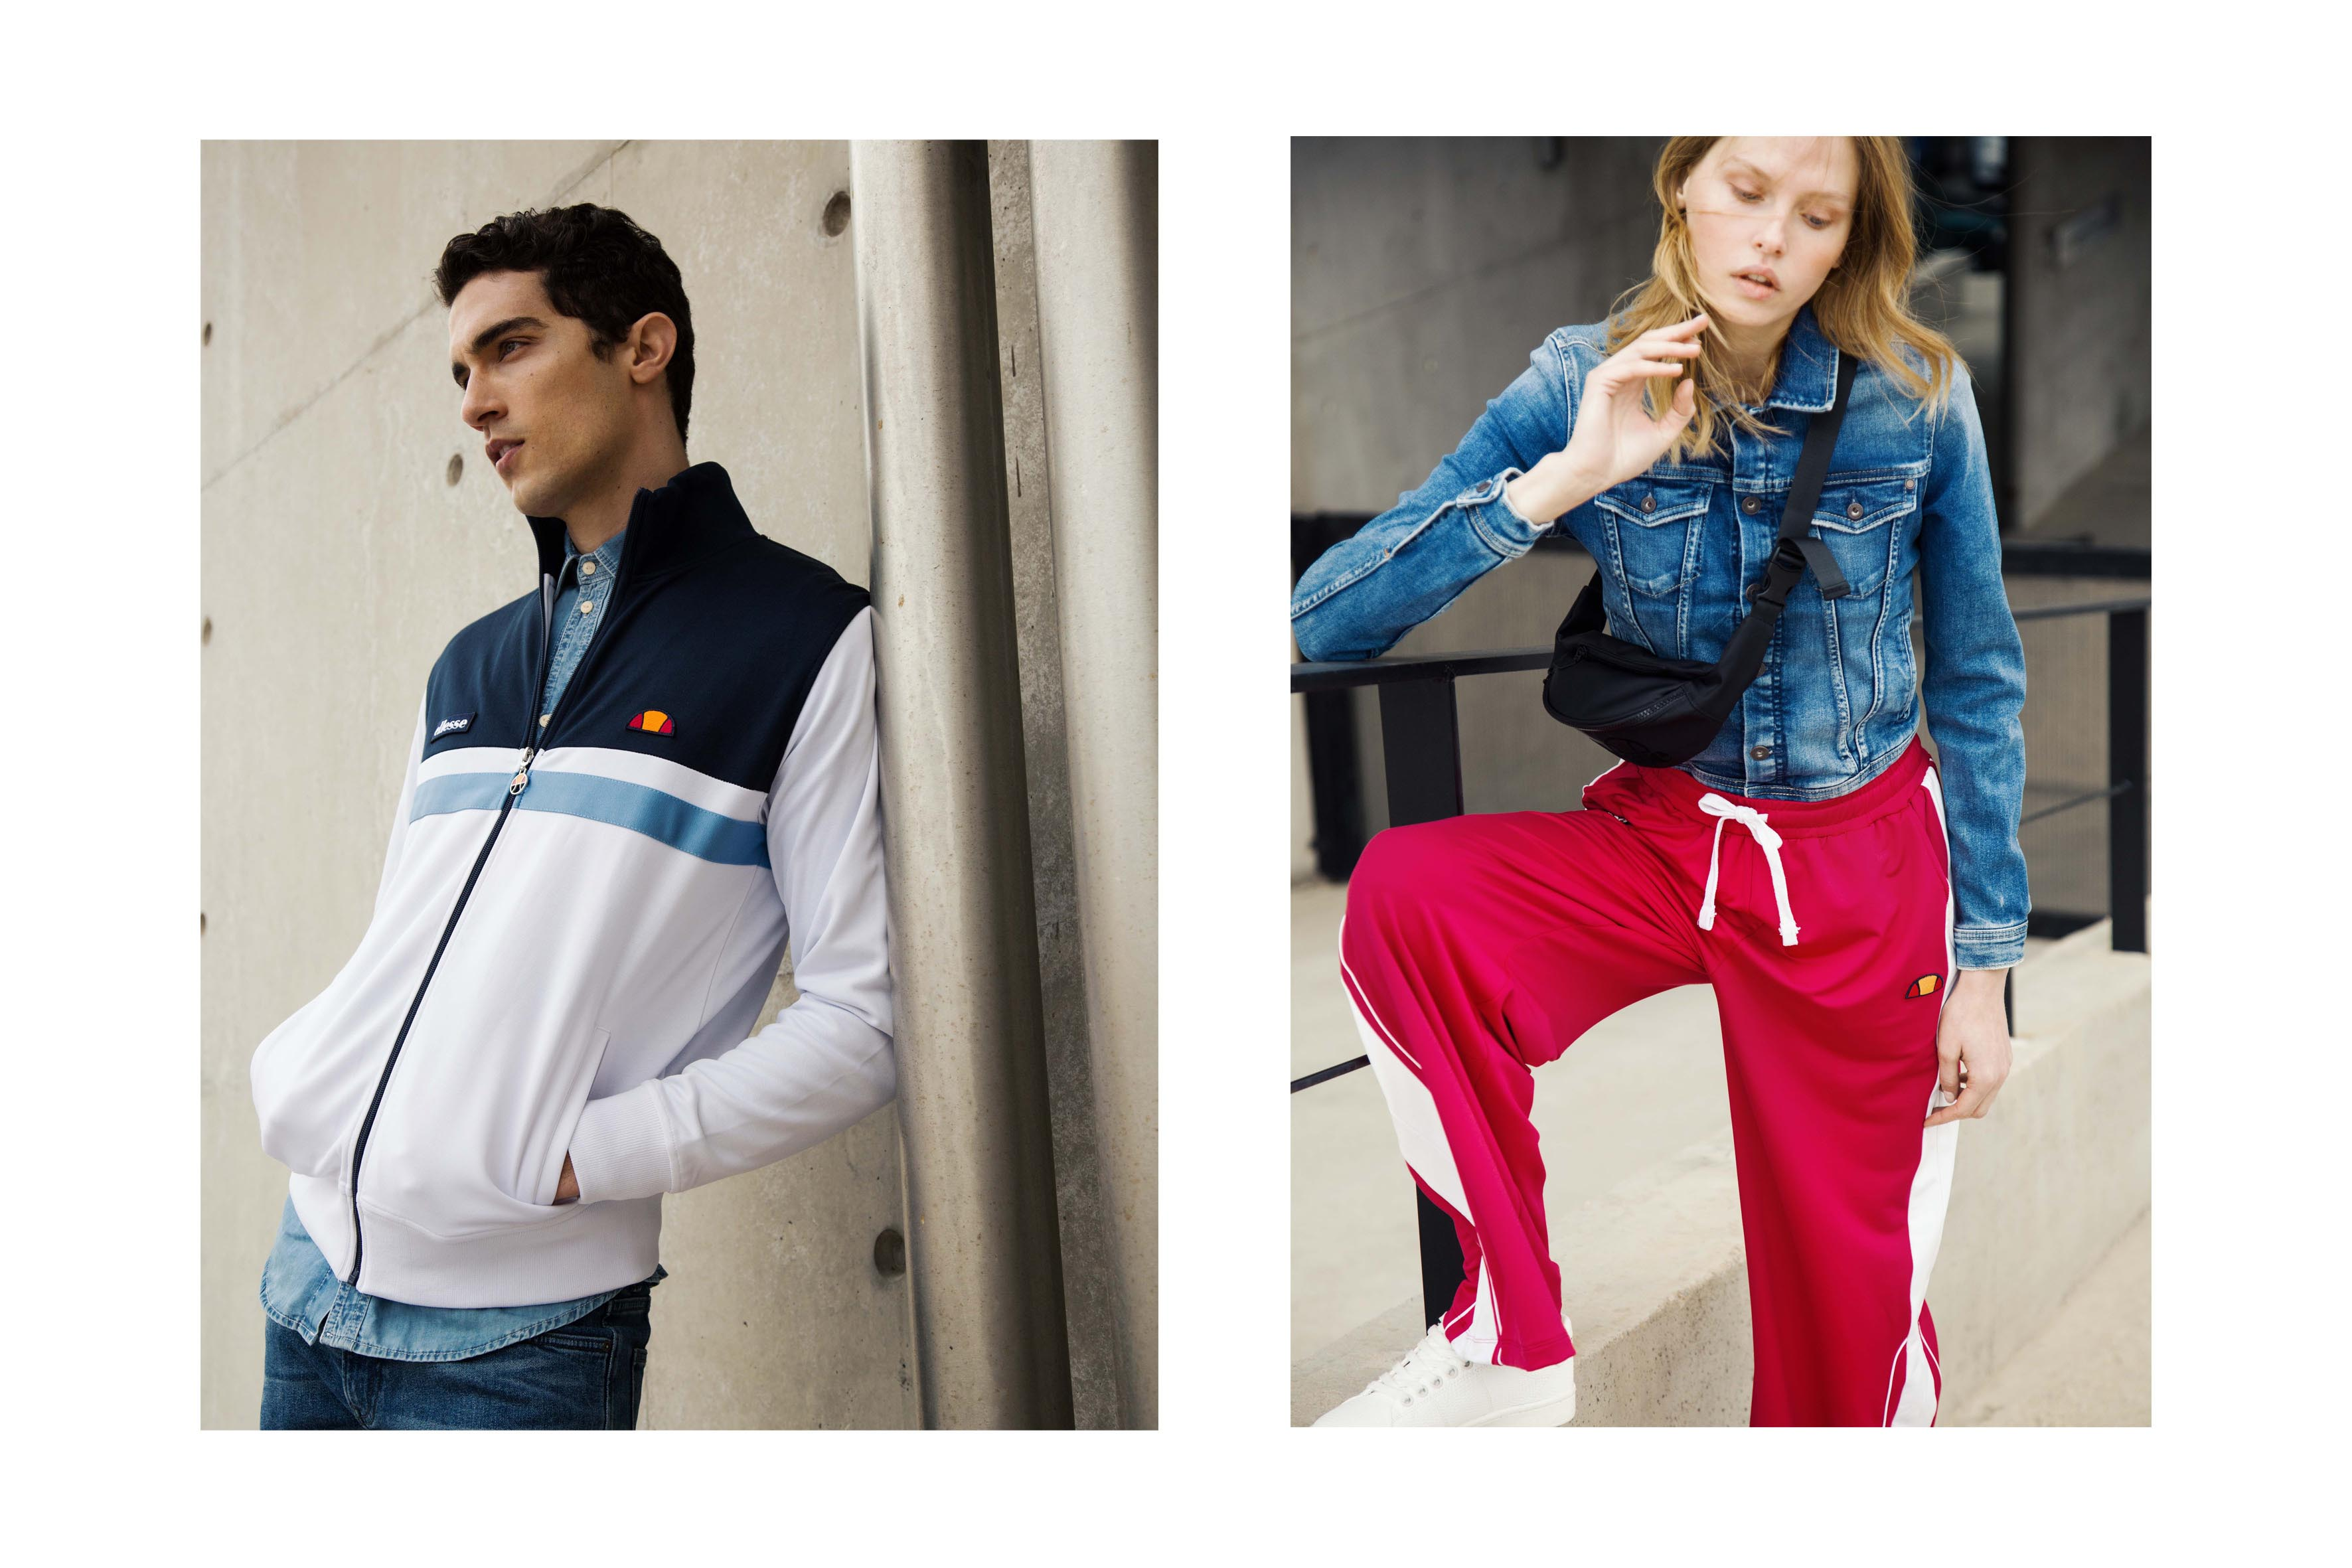 Ανακαλύψαμε το καινούργιο fashion online store που θα λατρέψεις